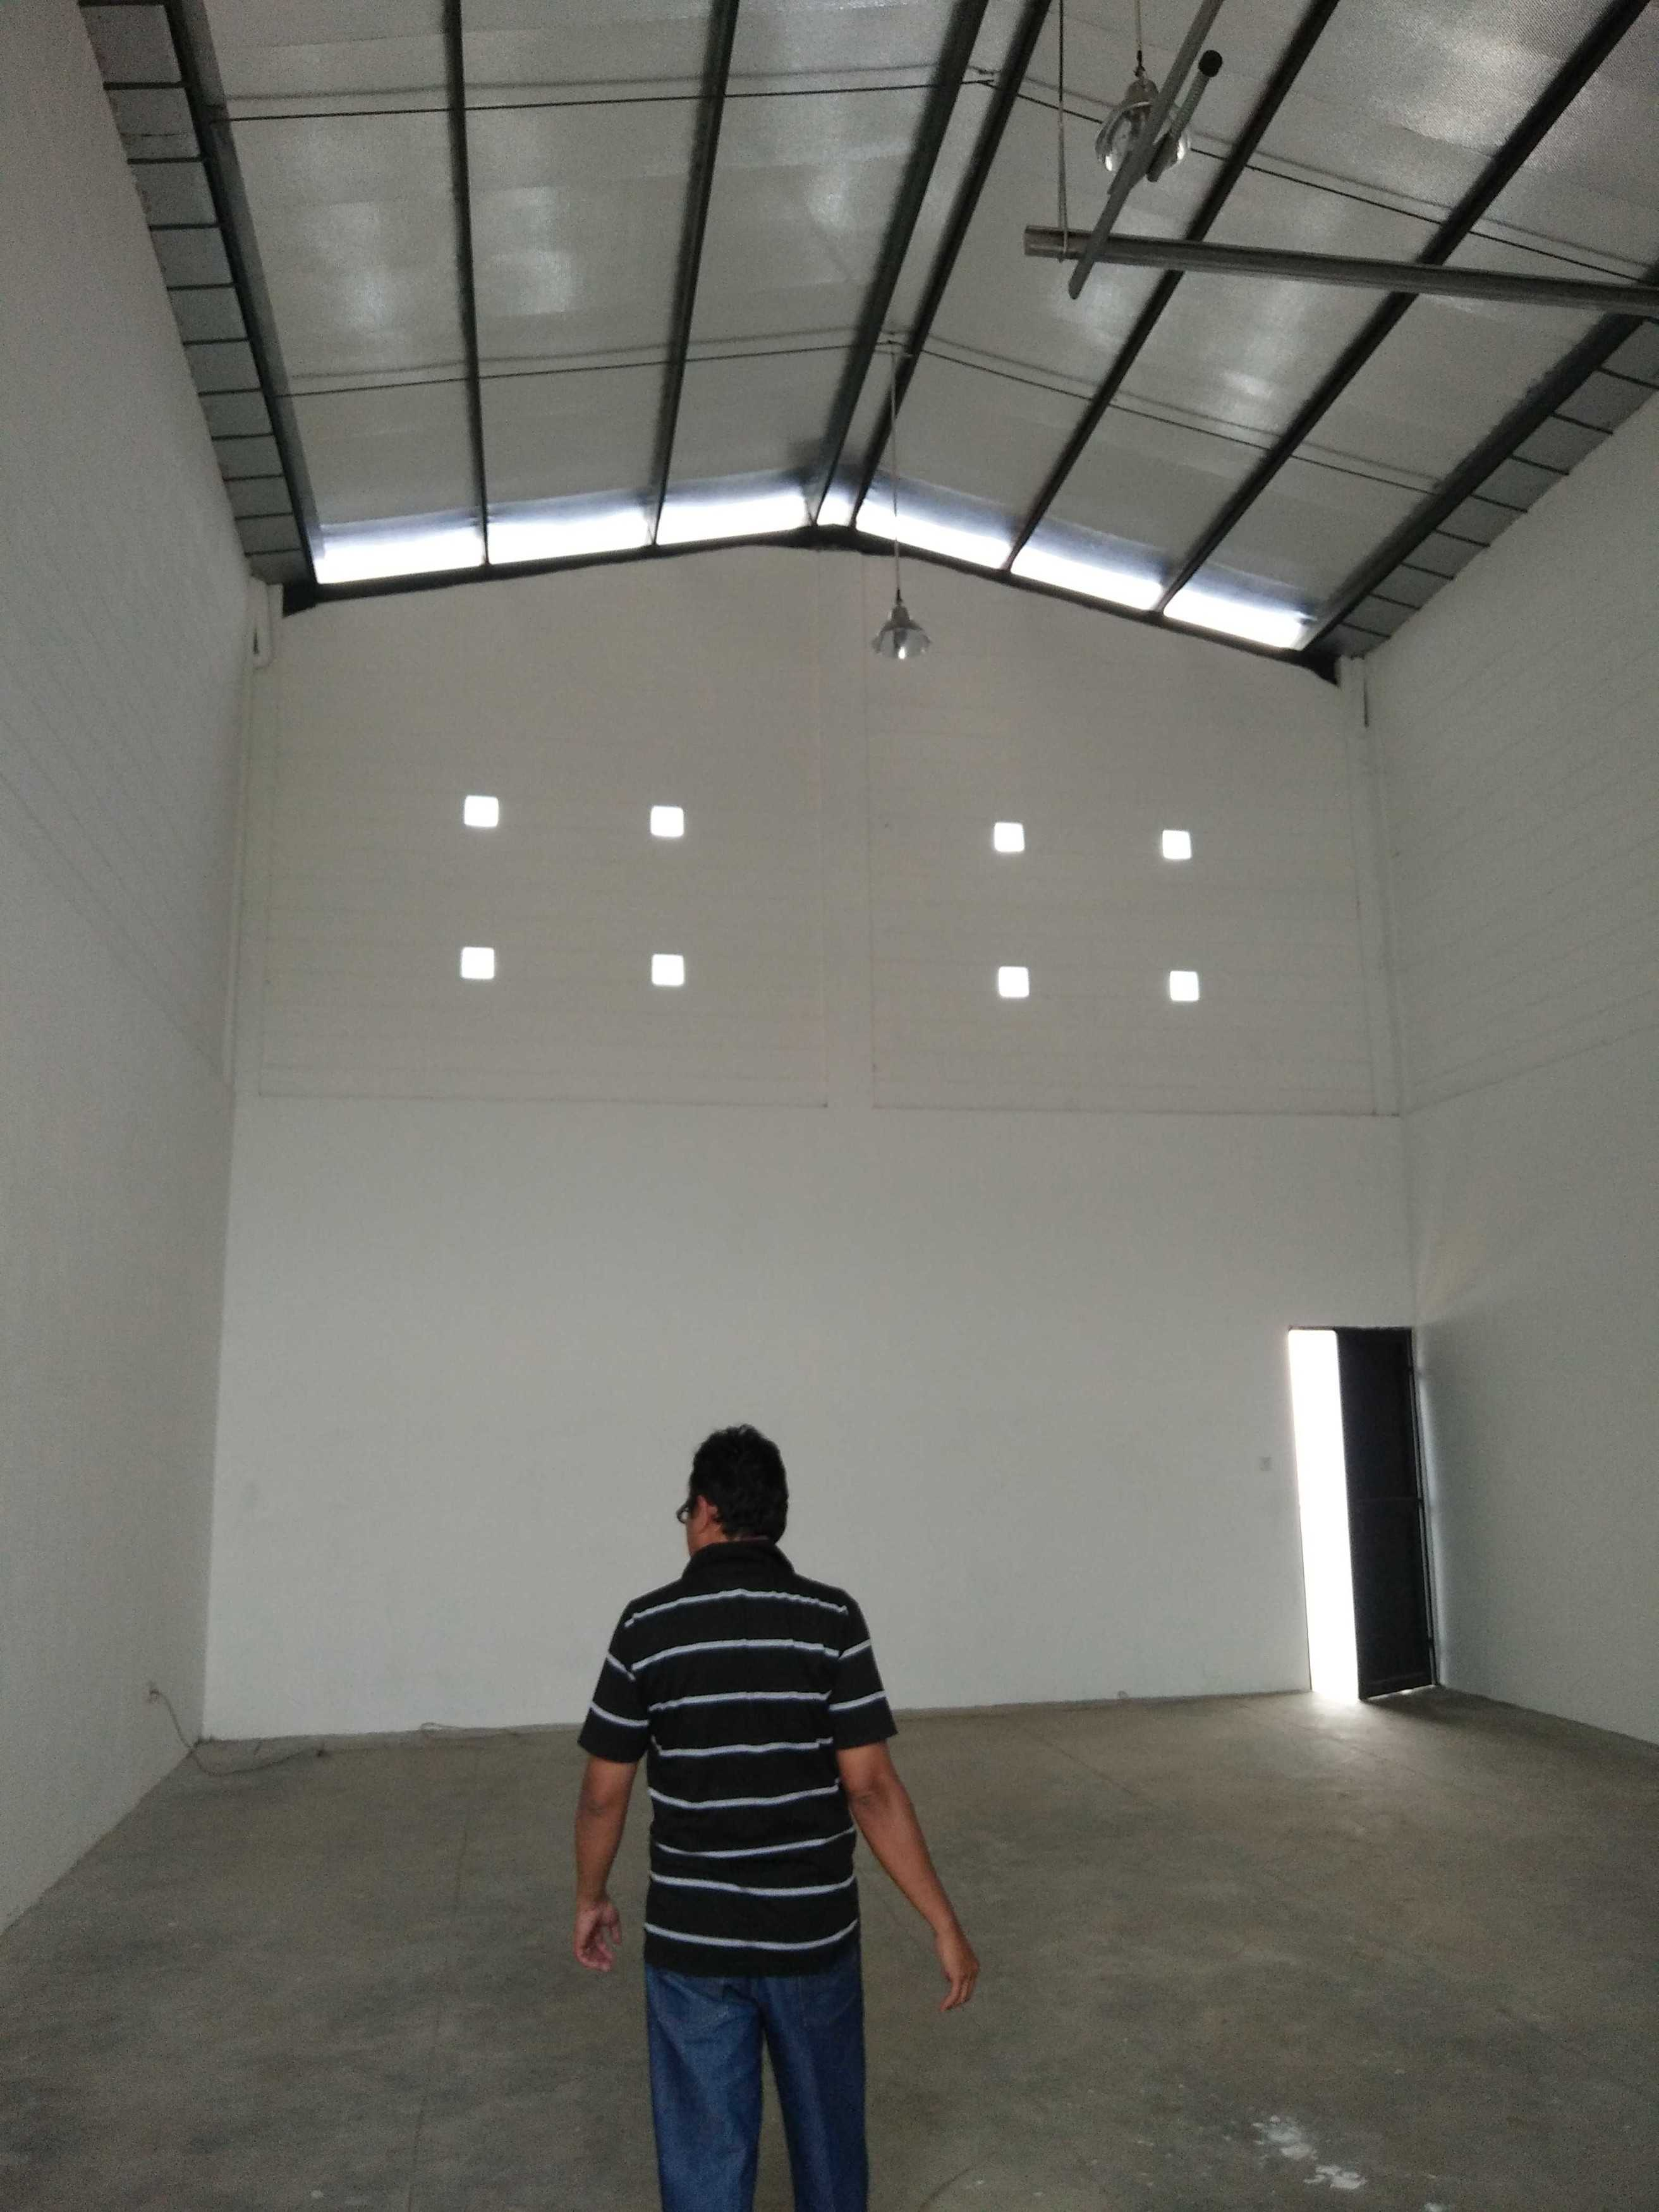 Cv. Infinity Build, Design, Property Kuta Waringin Industrial Park Kavling B Nanjung, Margaasih, Bandung, Jawa Barat, Indonesia Nanjung, Margaasih, Bandung, Jawa Barat, Indonesia Interior Industrial  40377